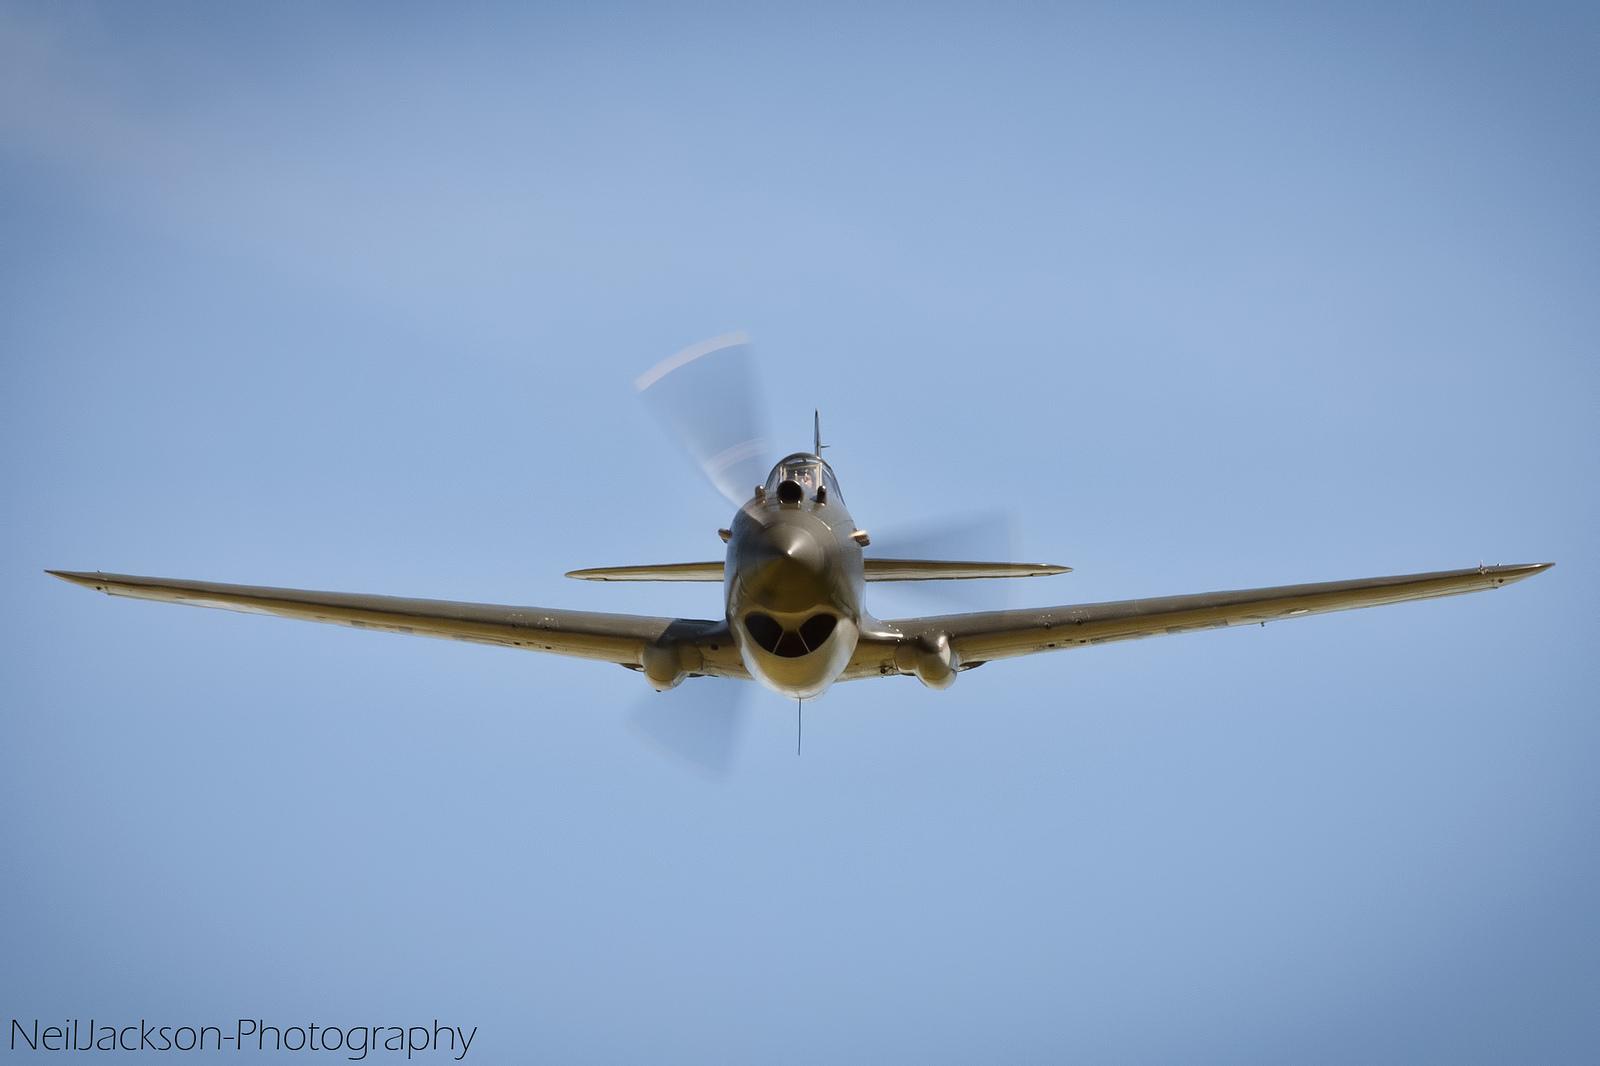 曾经的空战王牌 老式军用飞机的迷人风采